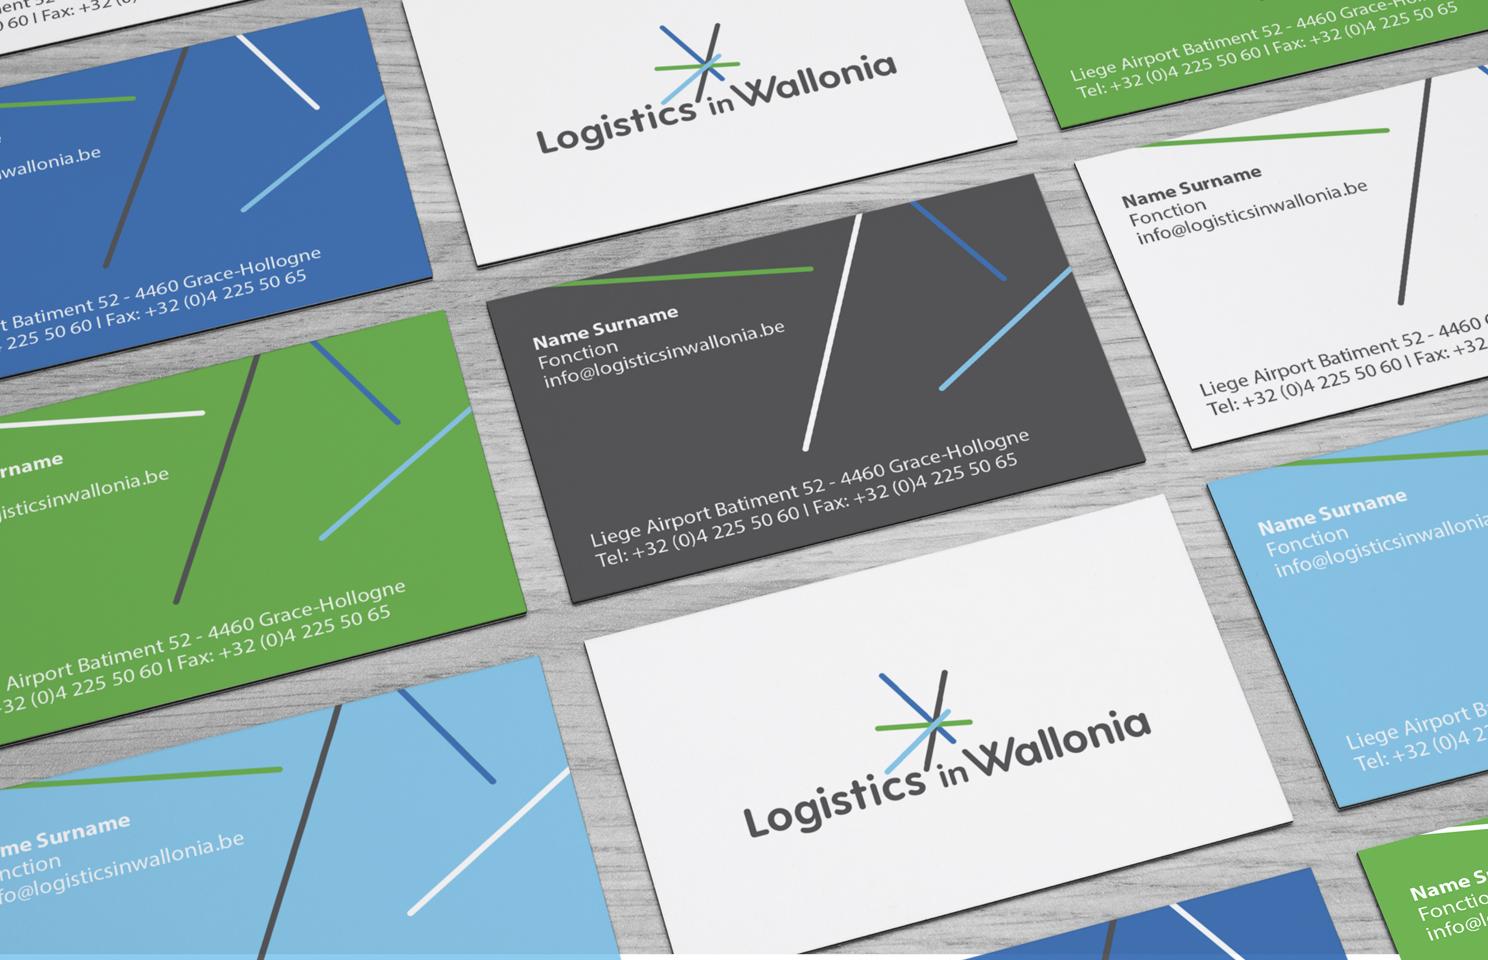 Logistic5